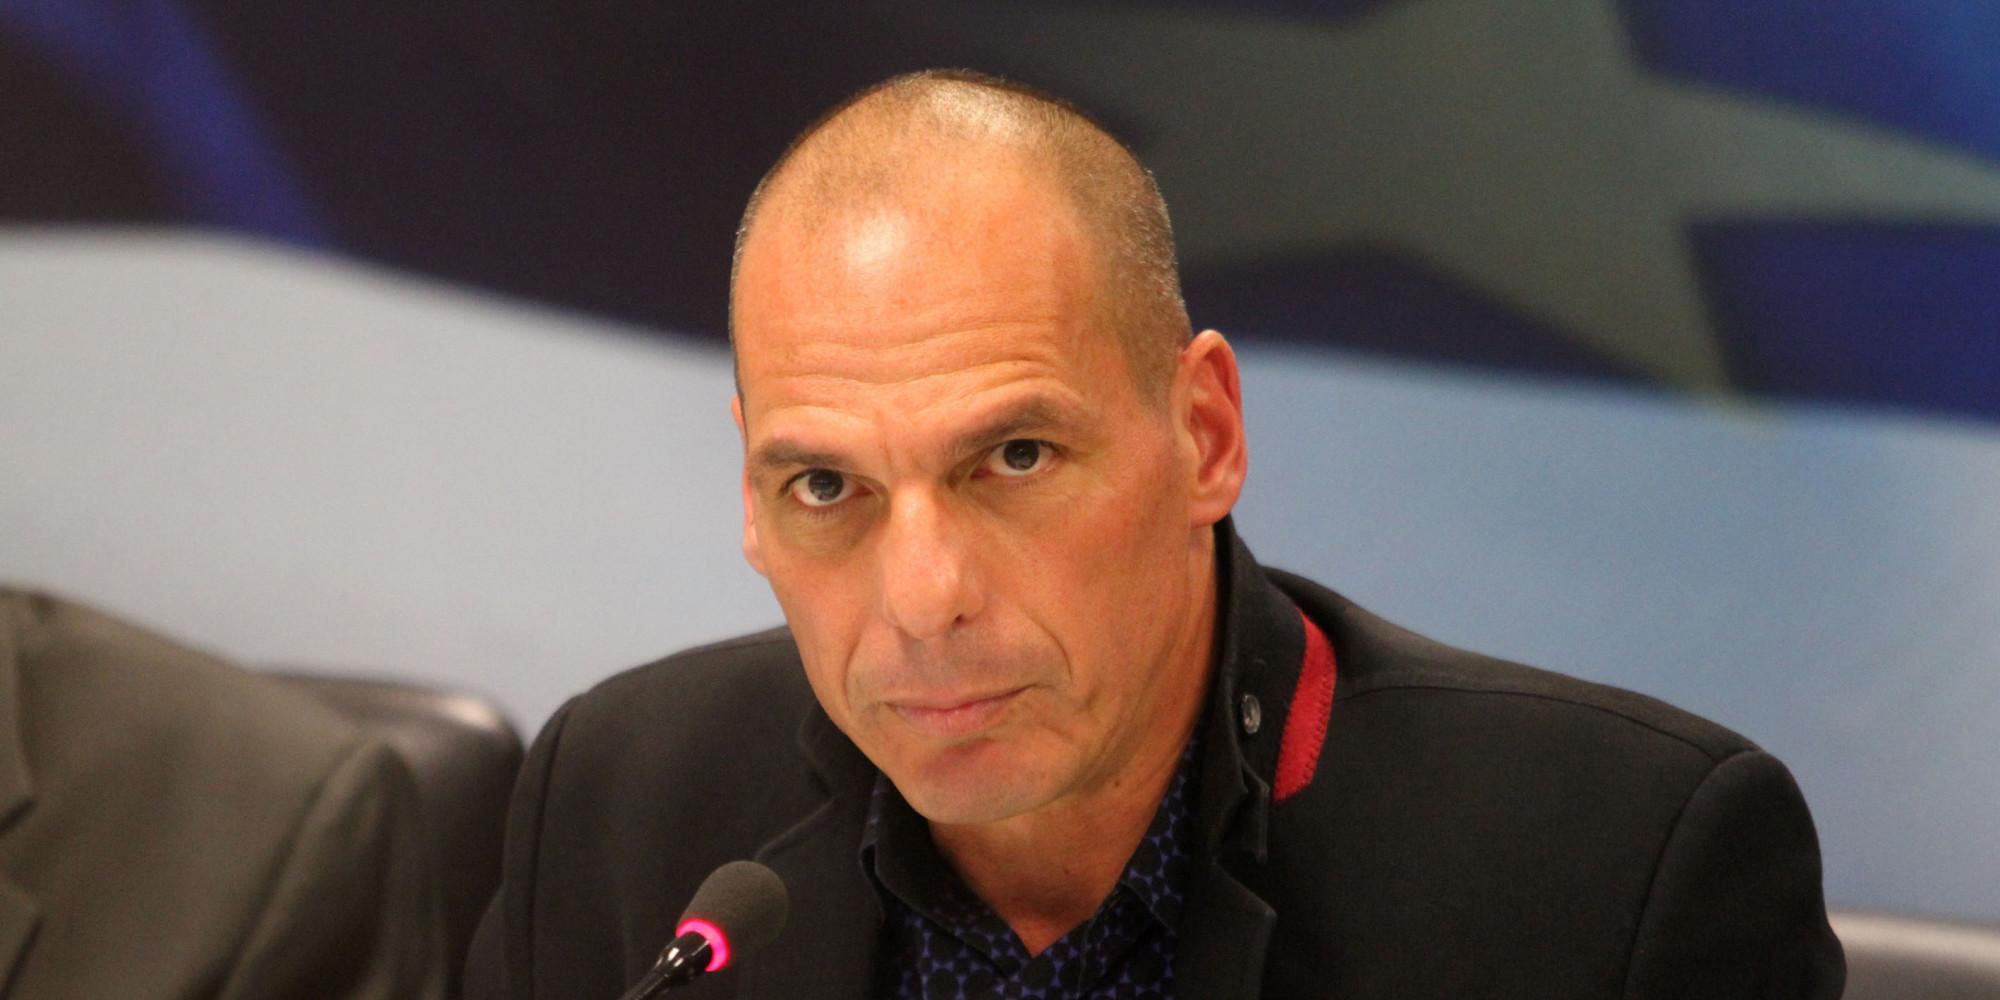 Varoufakis: المركزي الأوروبي مديون بمبلغ 2 مليار يورو لليونان